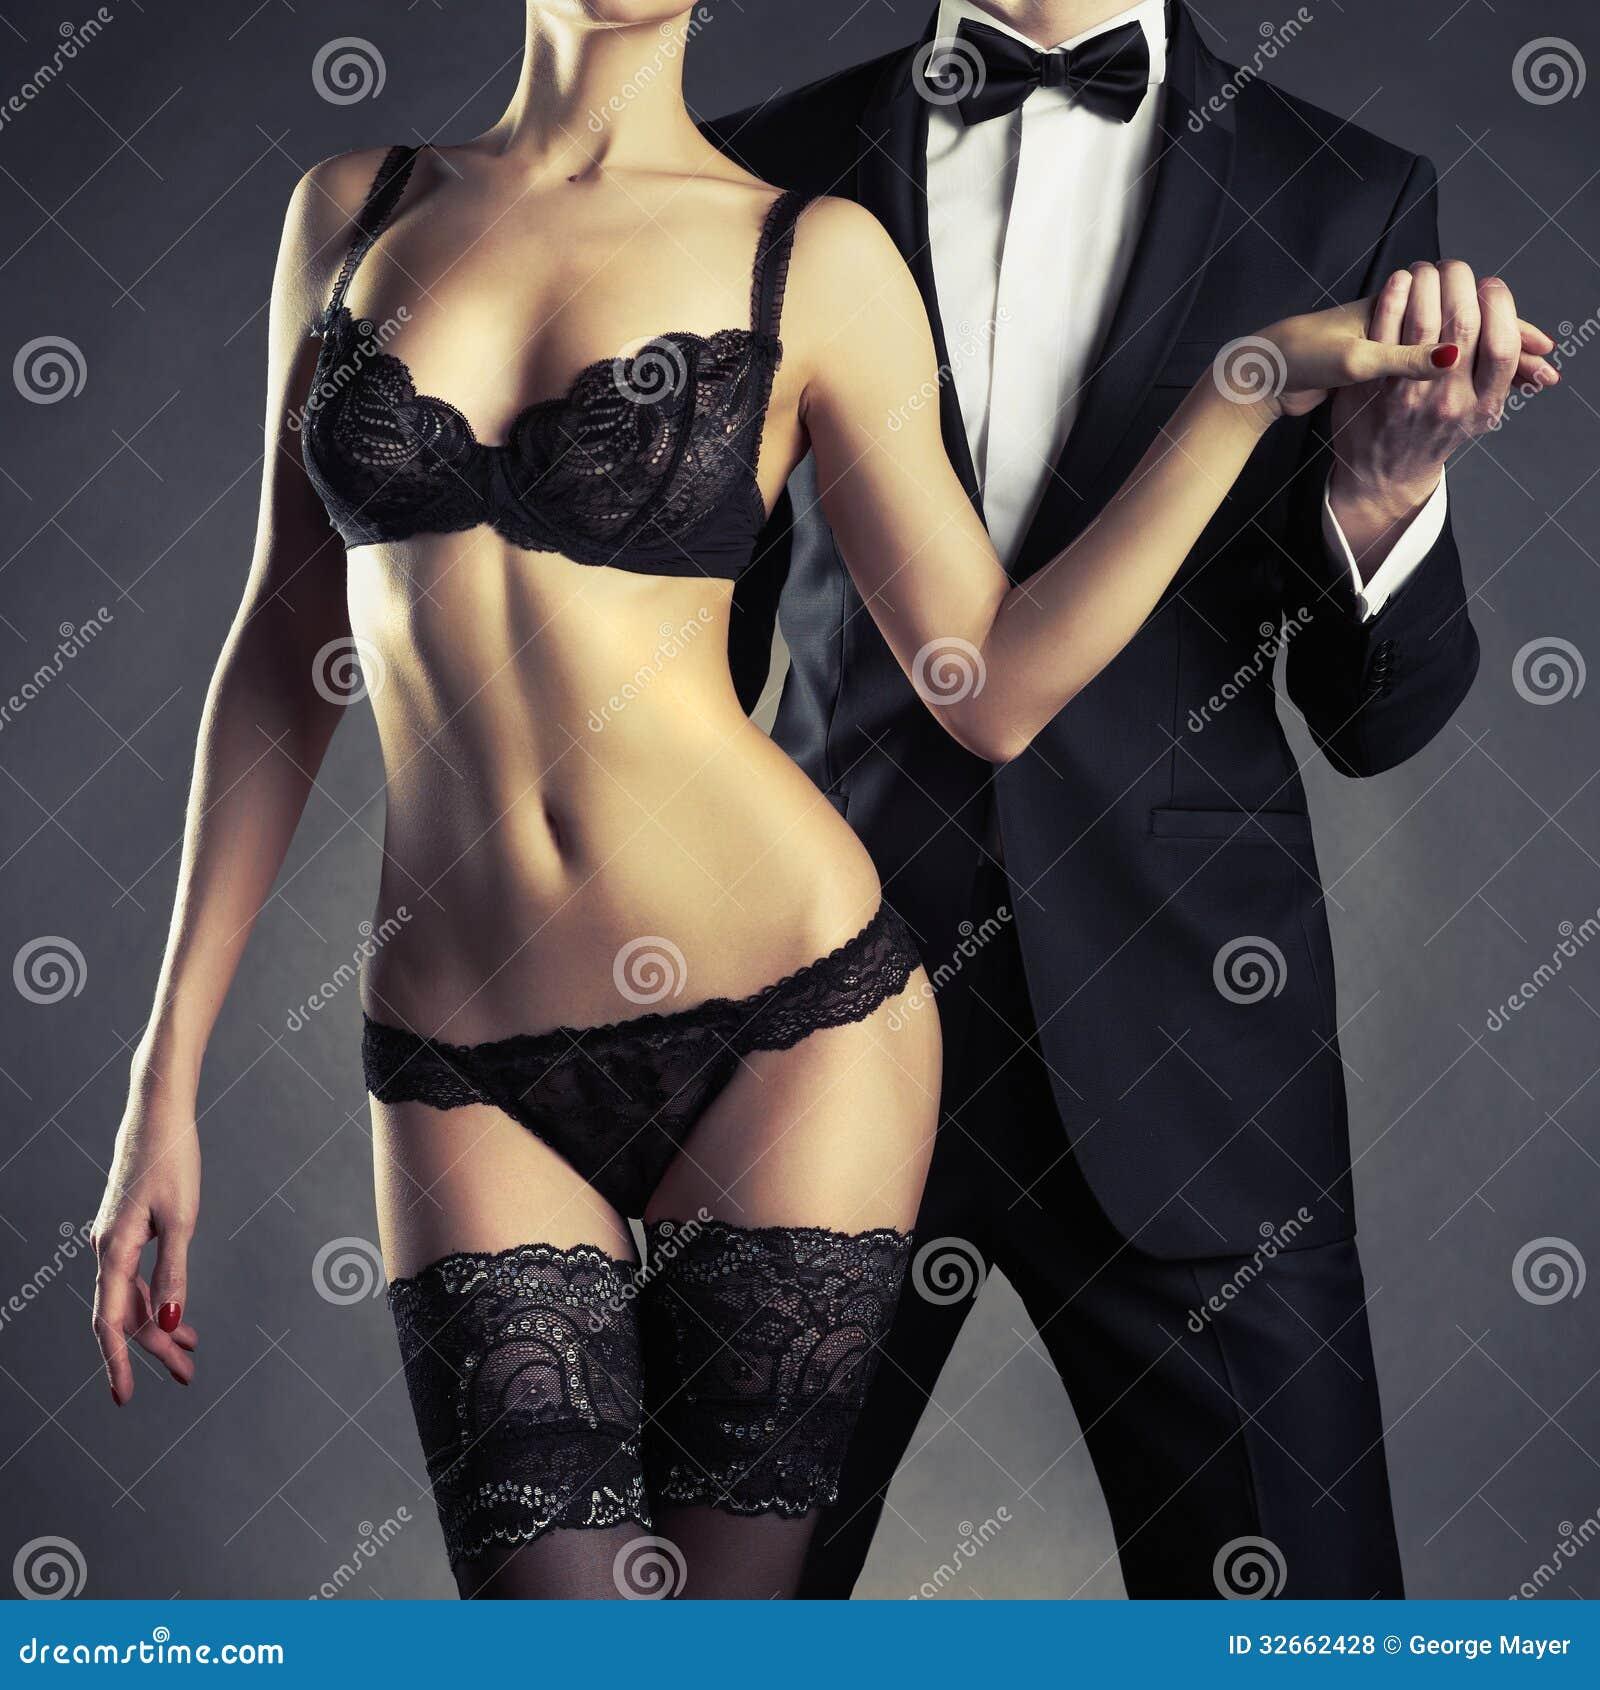 Чувственные фото мужчина и женщина 25 фотография